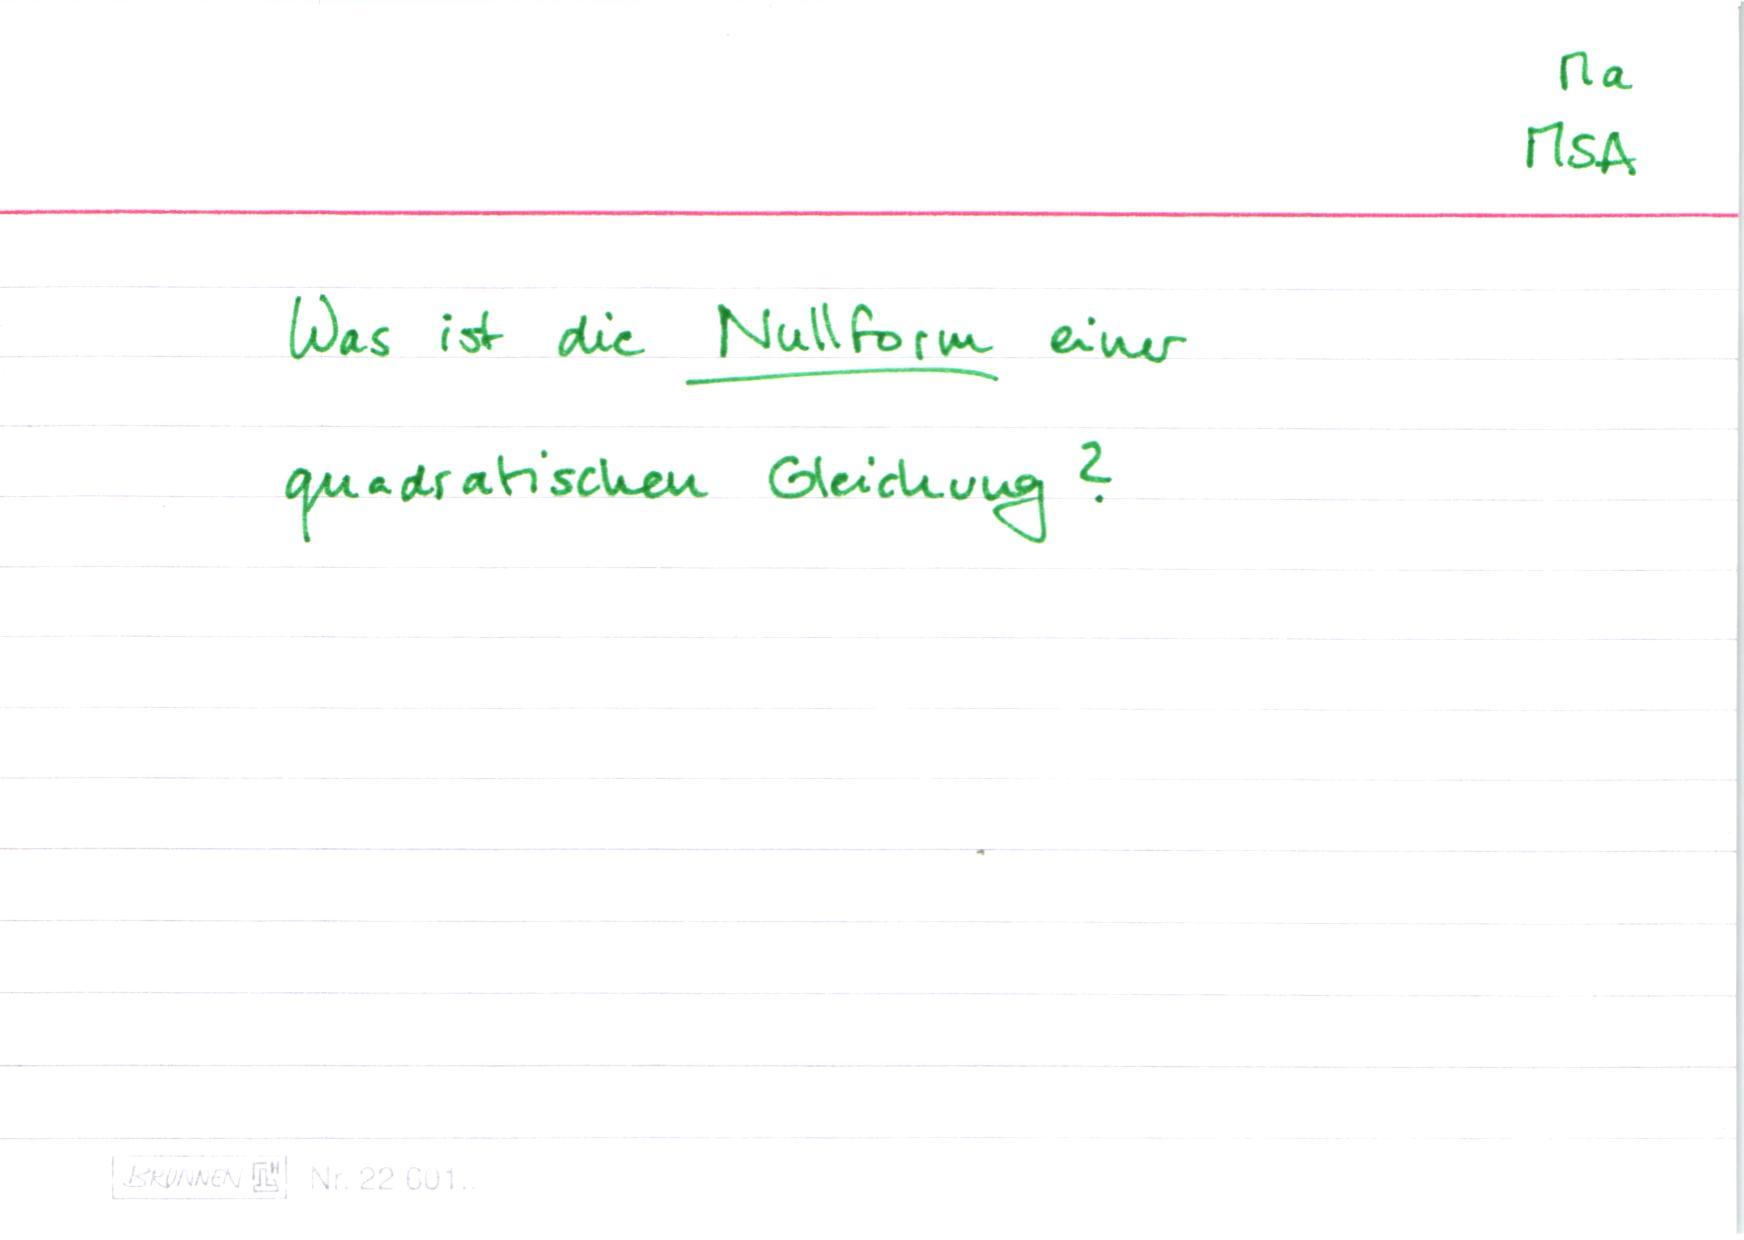 Atemberaubend Quadratische Gleichungen Factoring Arbeitsblatt Ideen ...